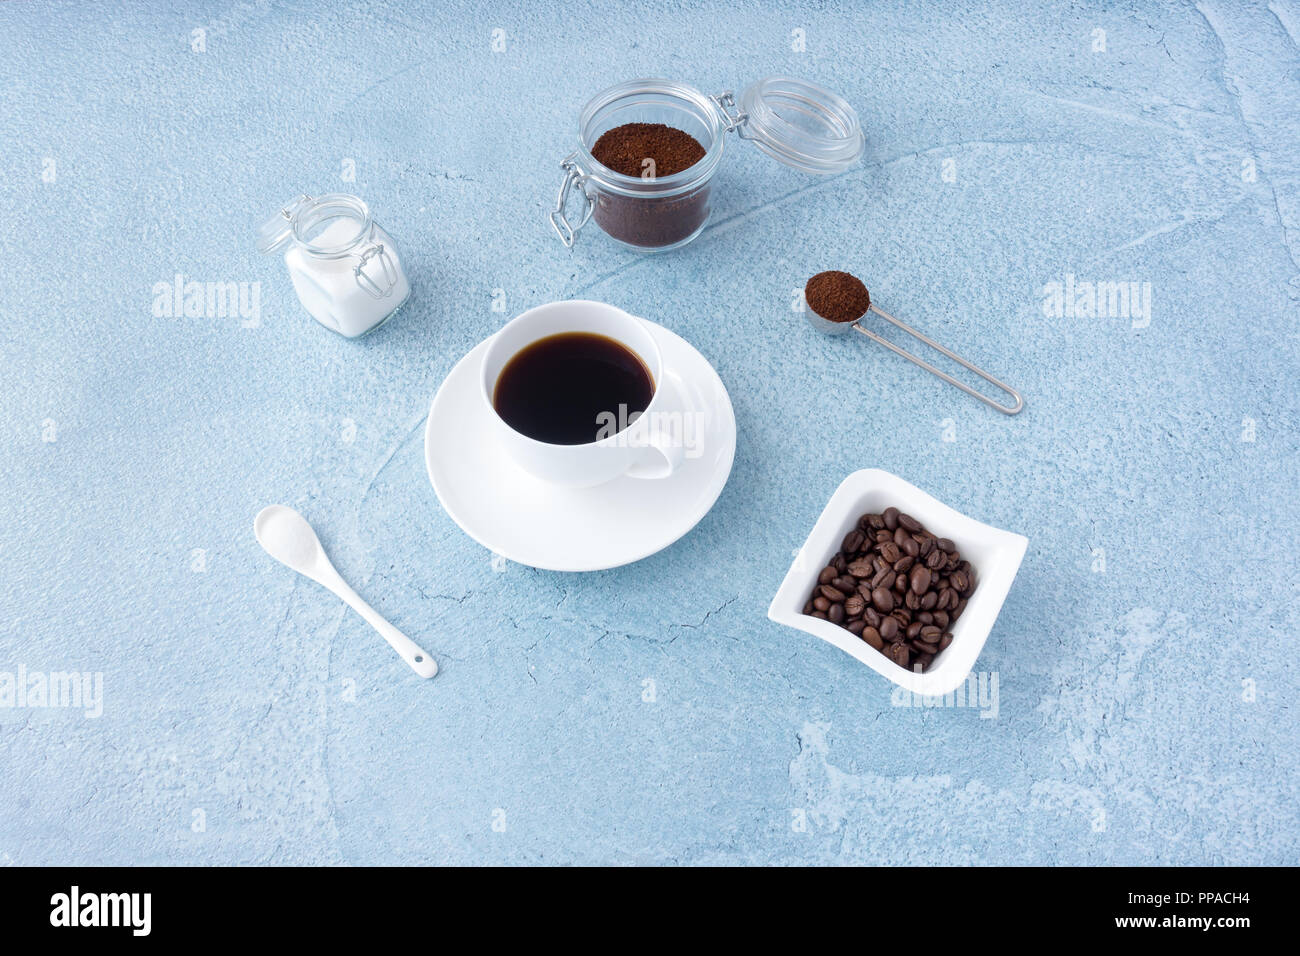 Kaffee Tasse mit schwarzem Kaffee, Zucker, gemahlener Kaffee und Kaffeebohnen auf Blau konkreten Hintergrund gefüllt. Stockbild